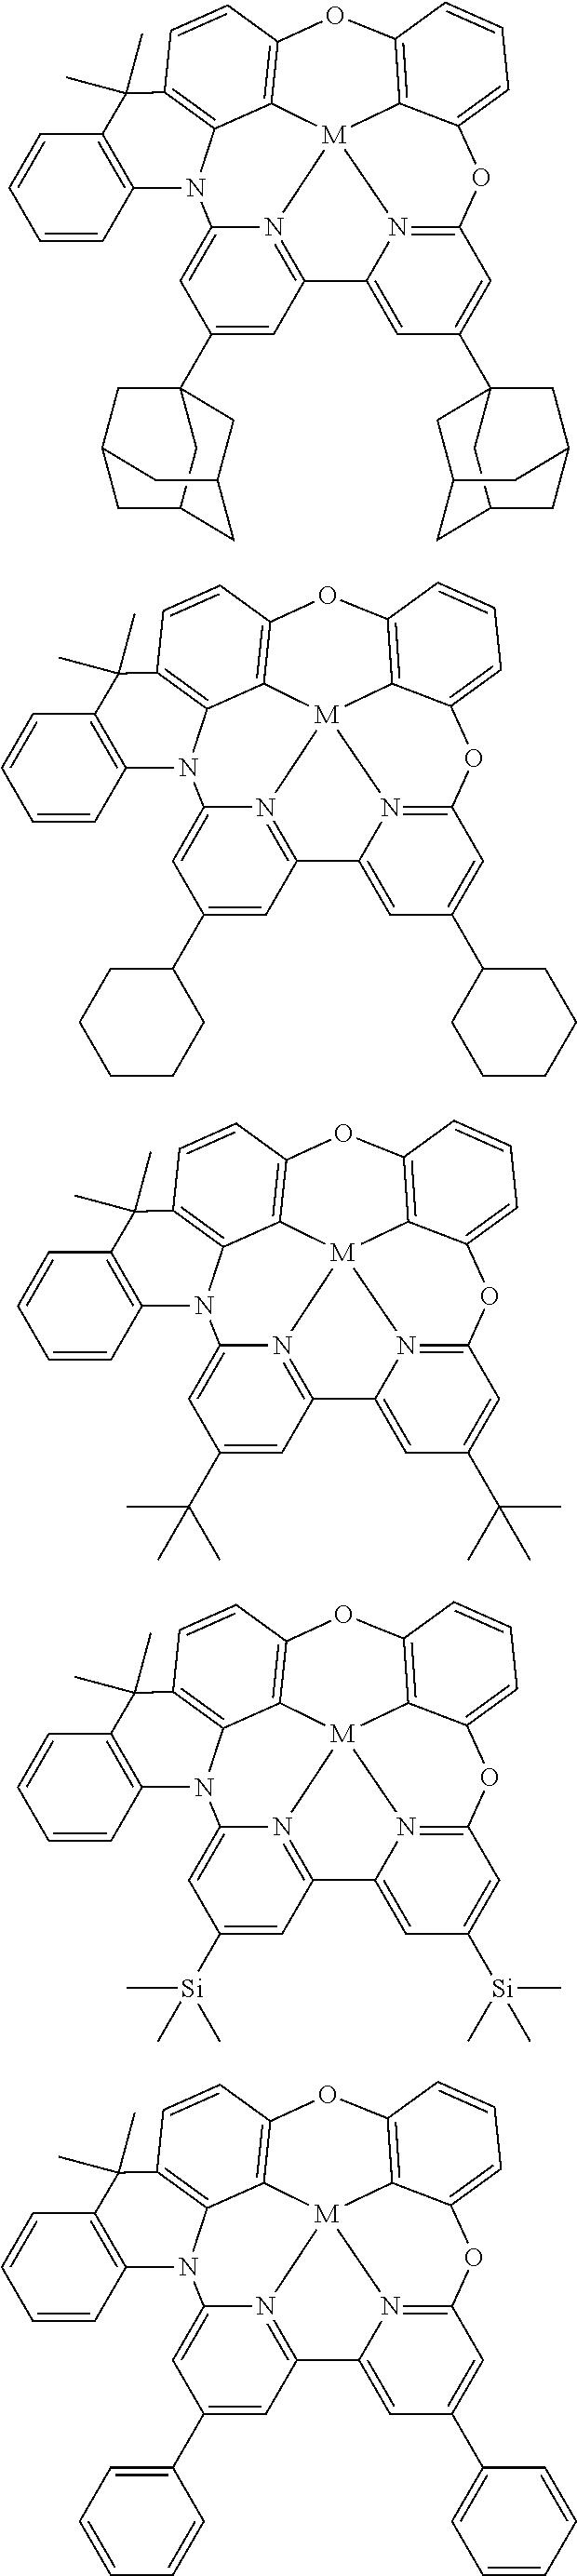 Figure US10158091-20181218-C00103